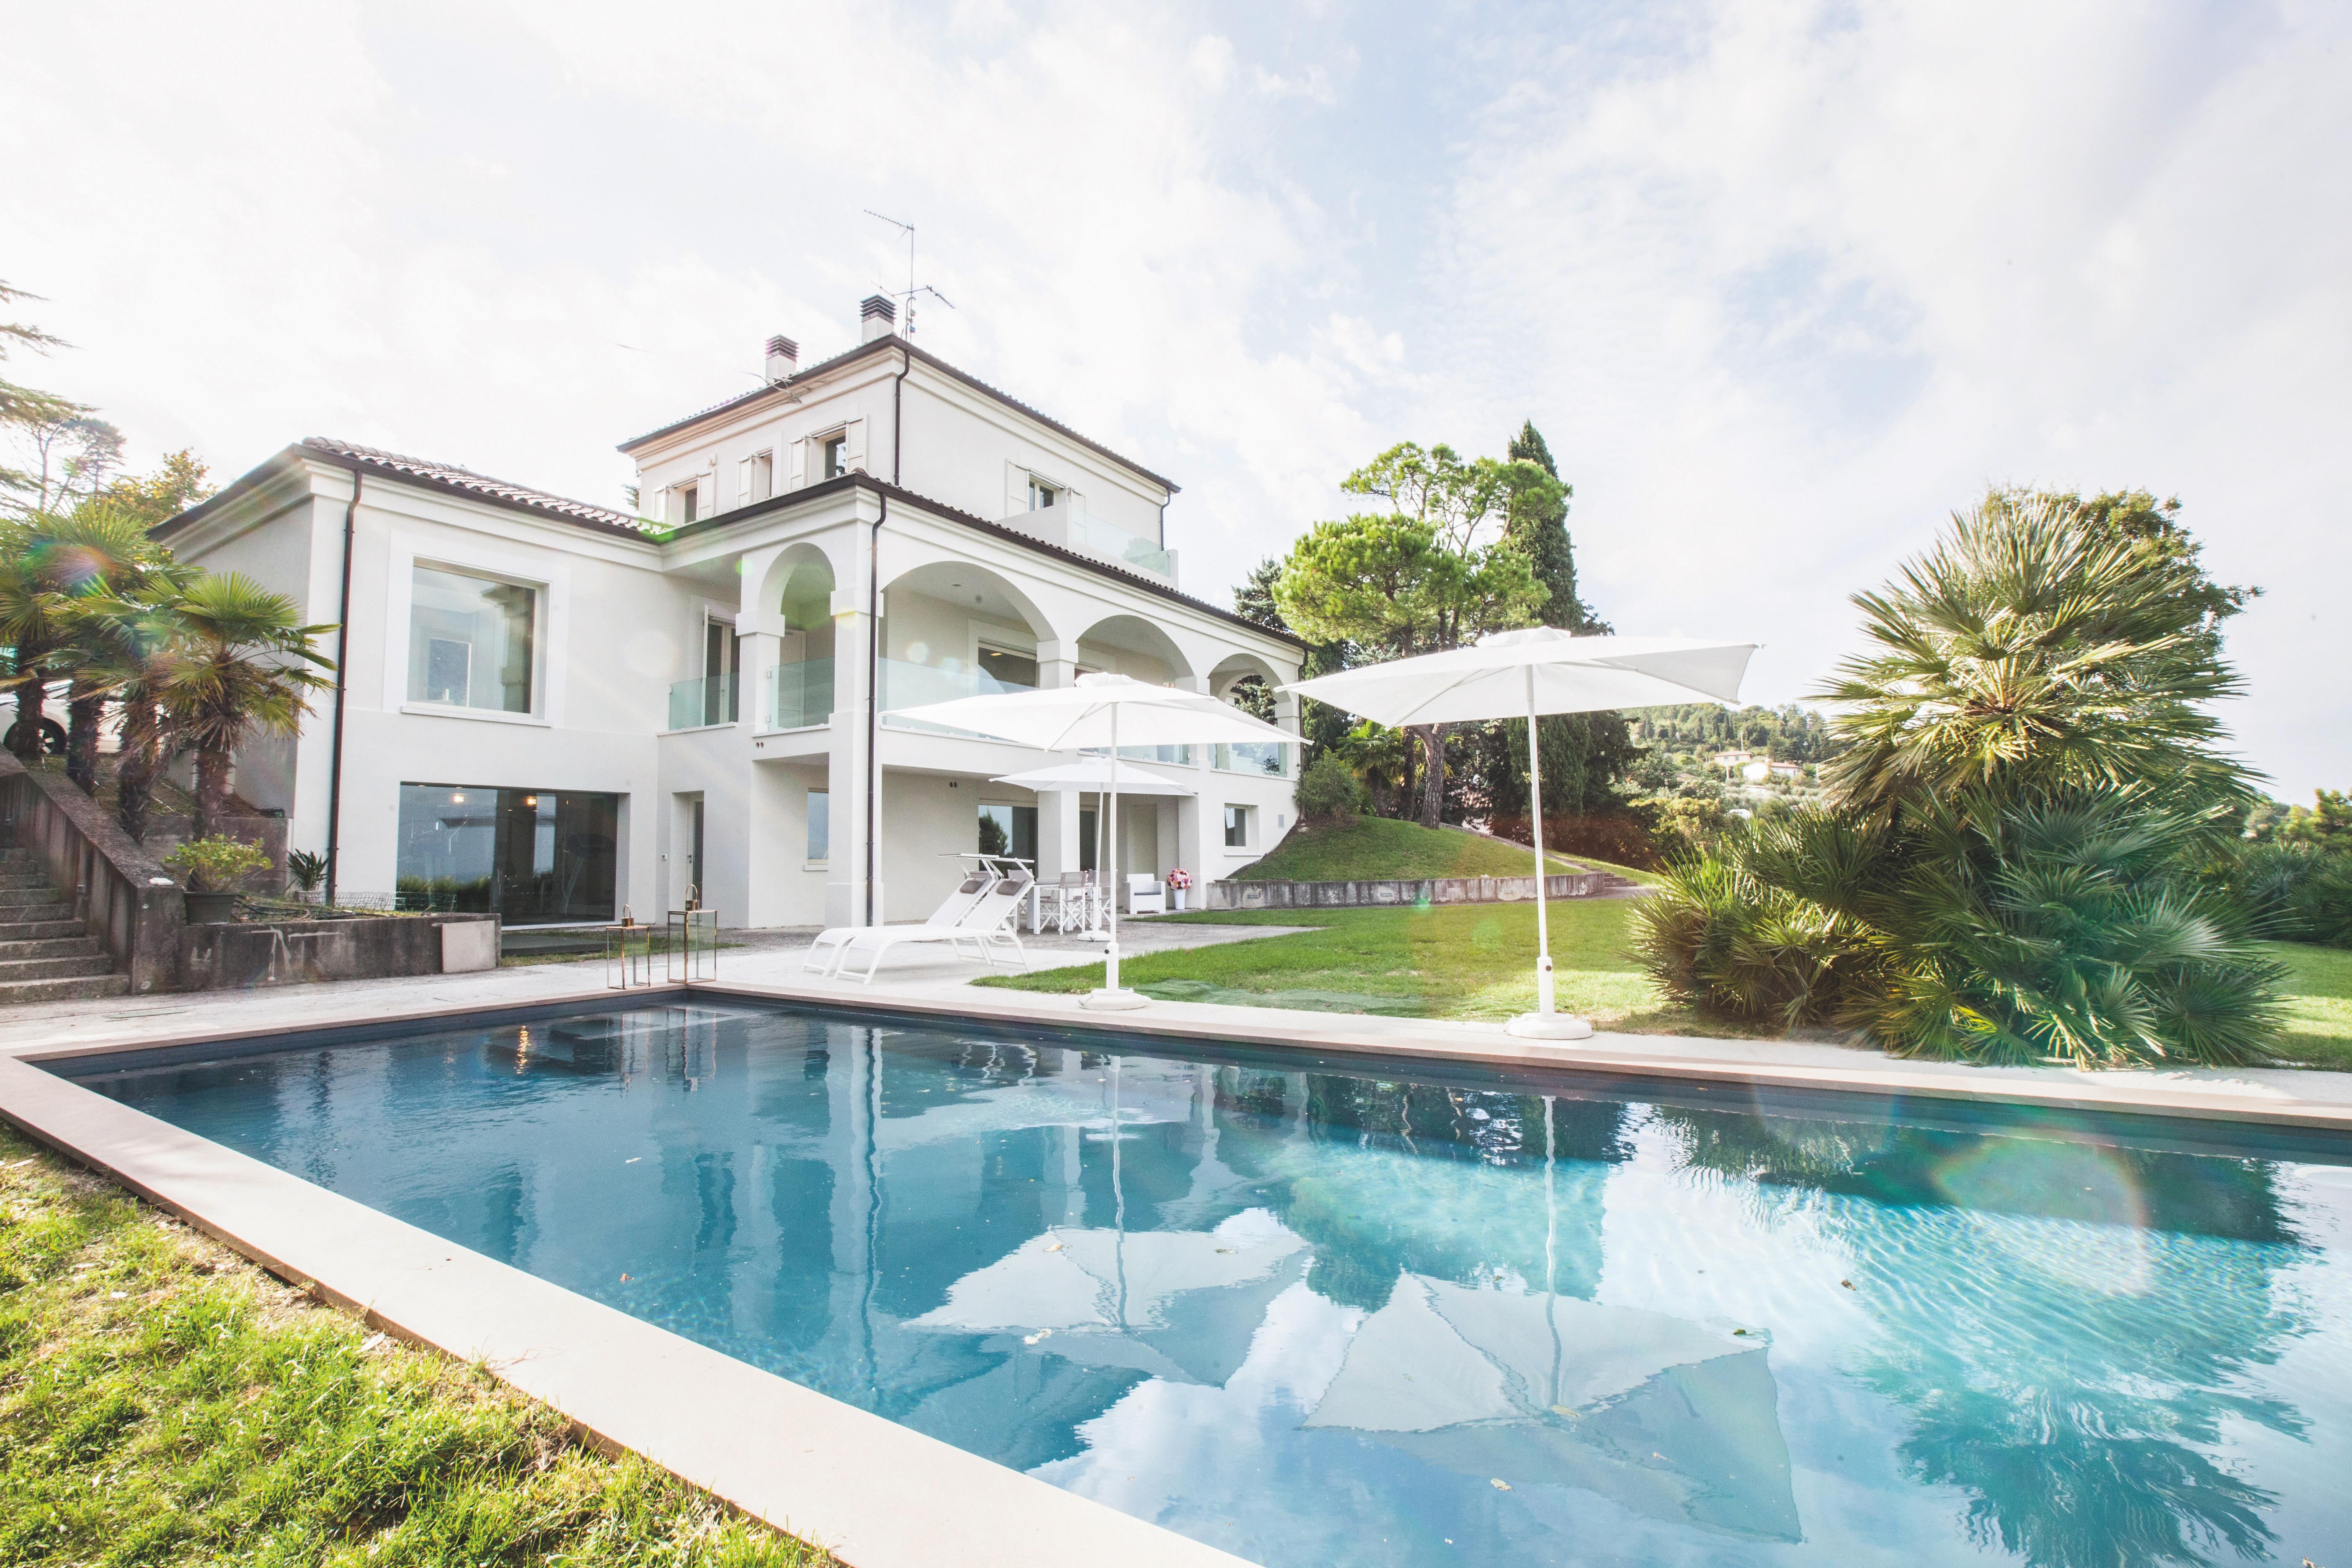 Giardino con piscina di una villa a Bertinoro